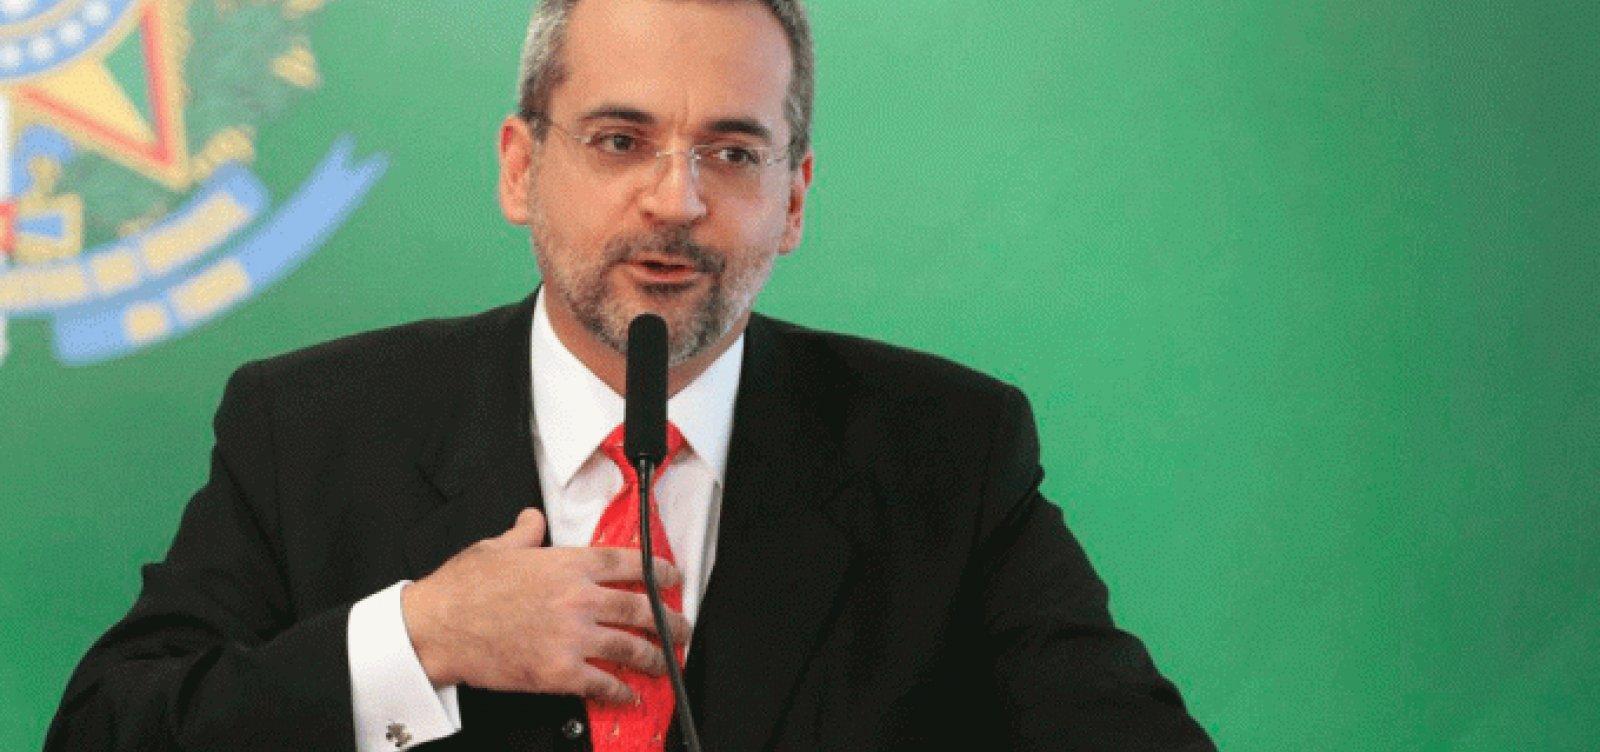 [Ministro será convocado à Comissão de Educação para explicar corte no orçamento da Ufba]